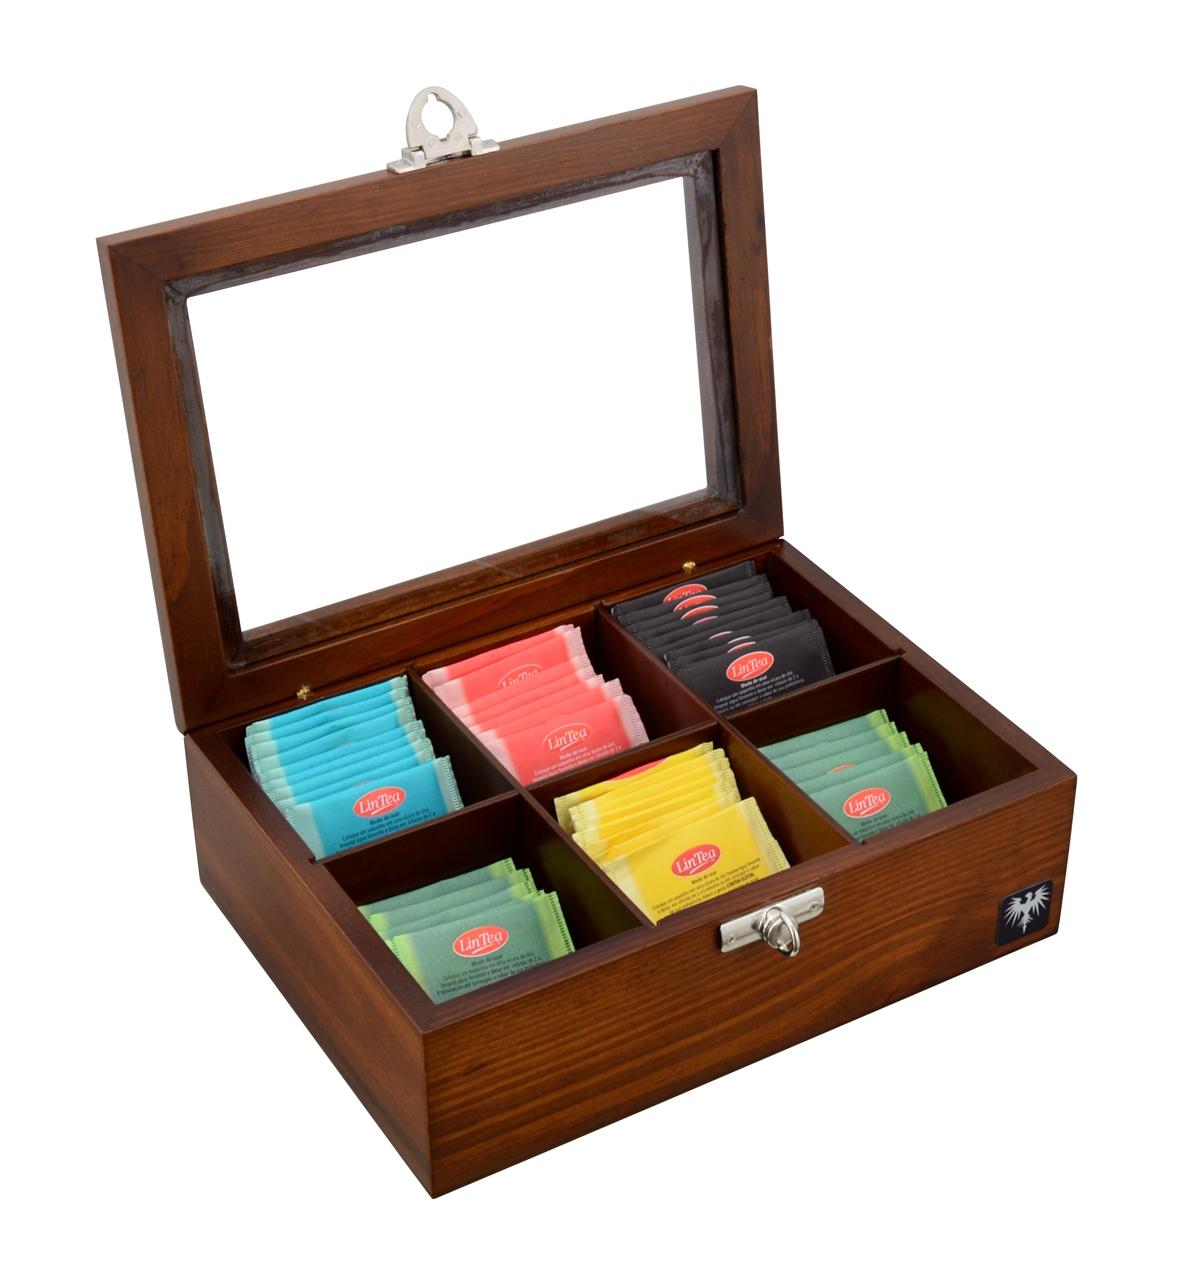 porta-cha-6-casulos-madeira-macica-tabaco-caixa-de-cha-imagem-1.JPG